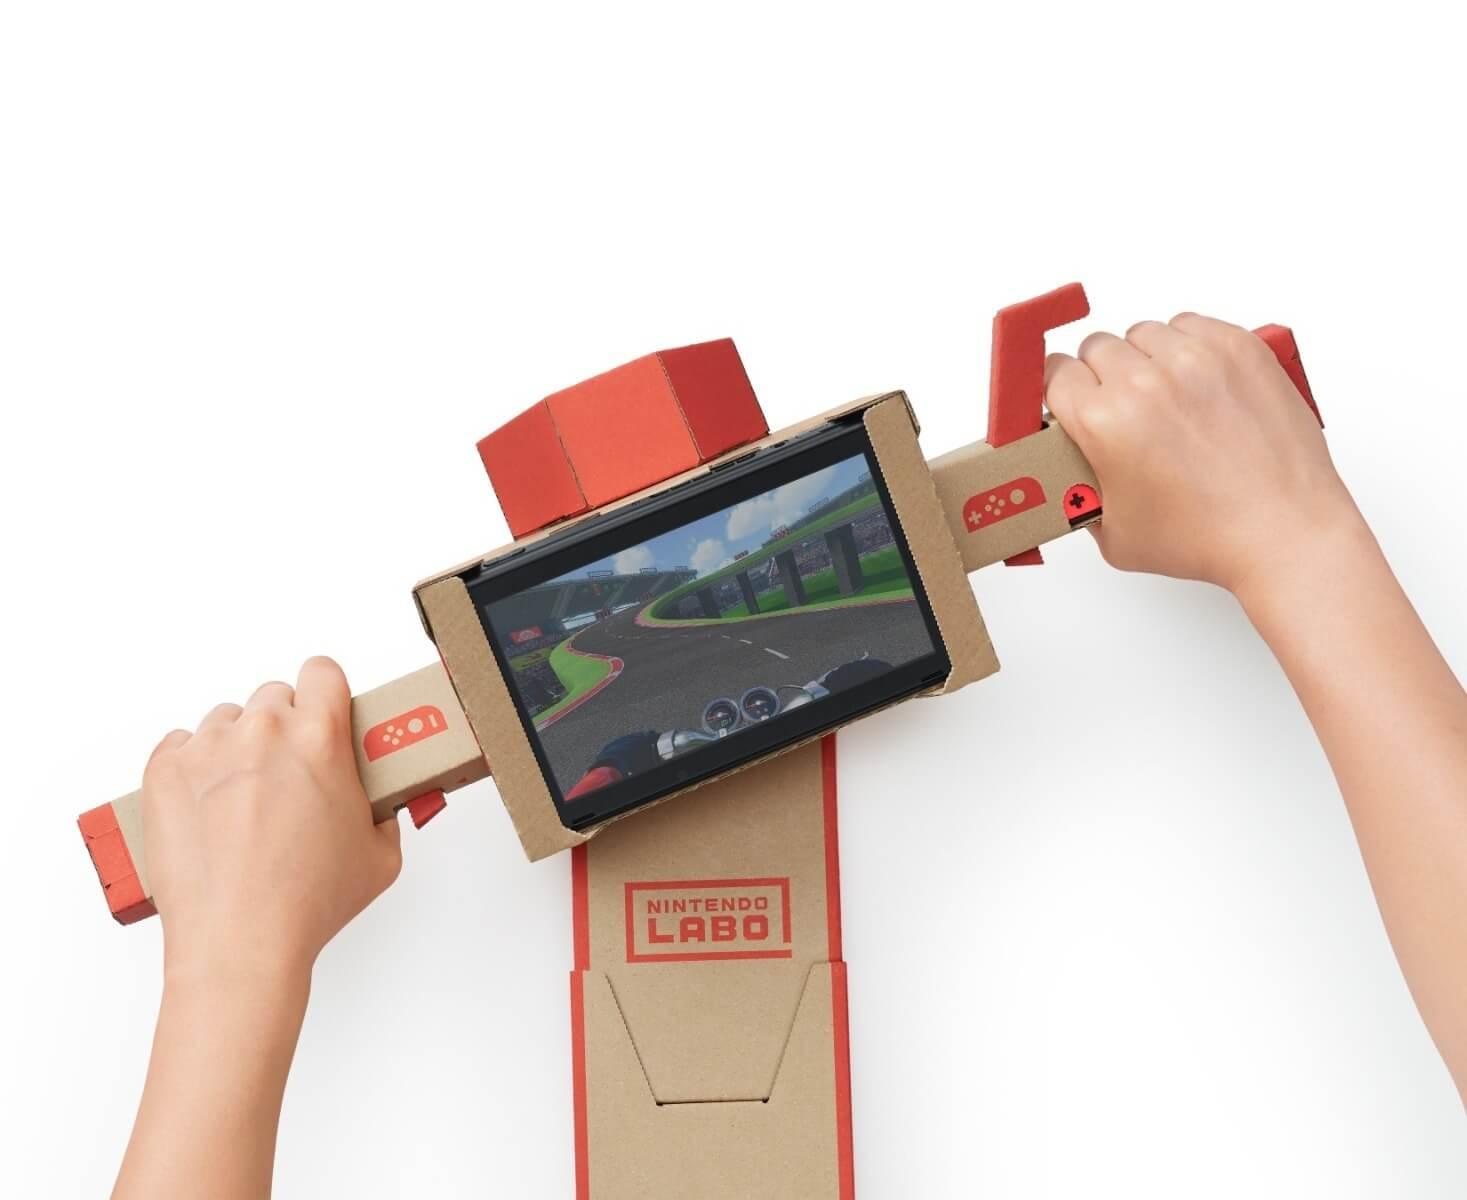 Nintendo Labo: Das ungewöhnlichste Gaming-Zubehör aller Zeiten